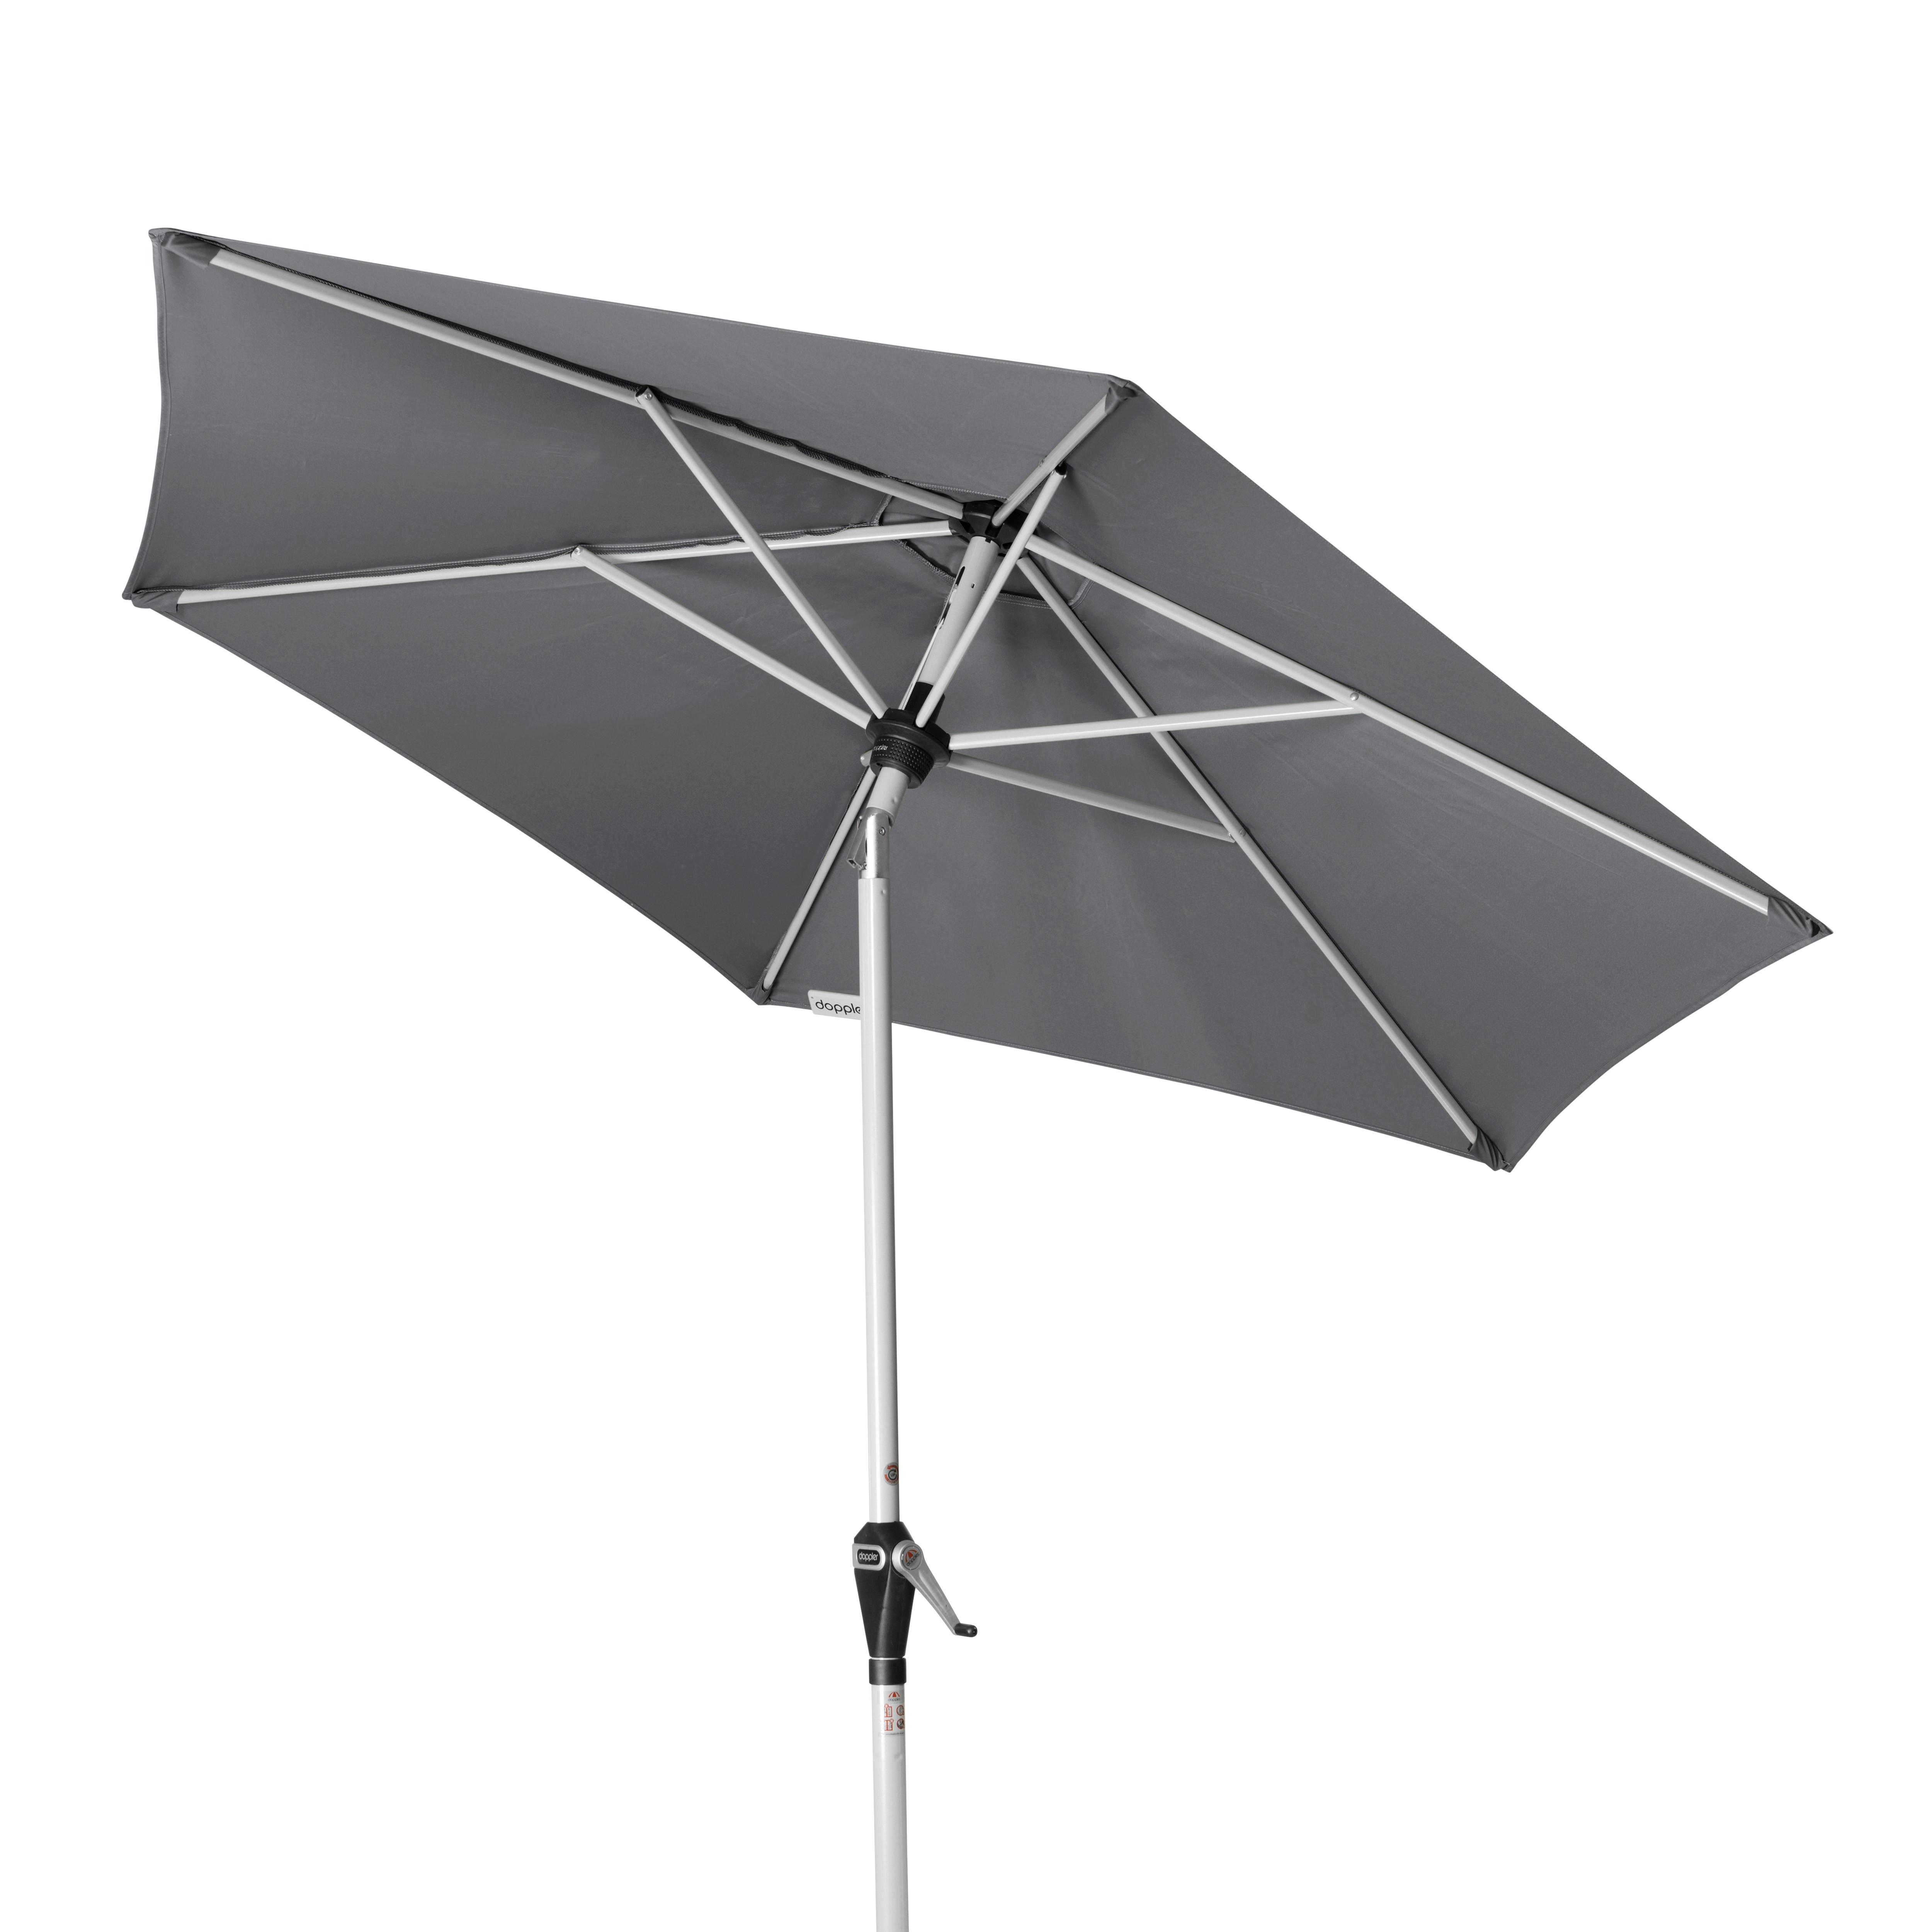 ACTIVE 210 cm - slunečník s automatickým naklápěním klikou